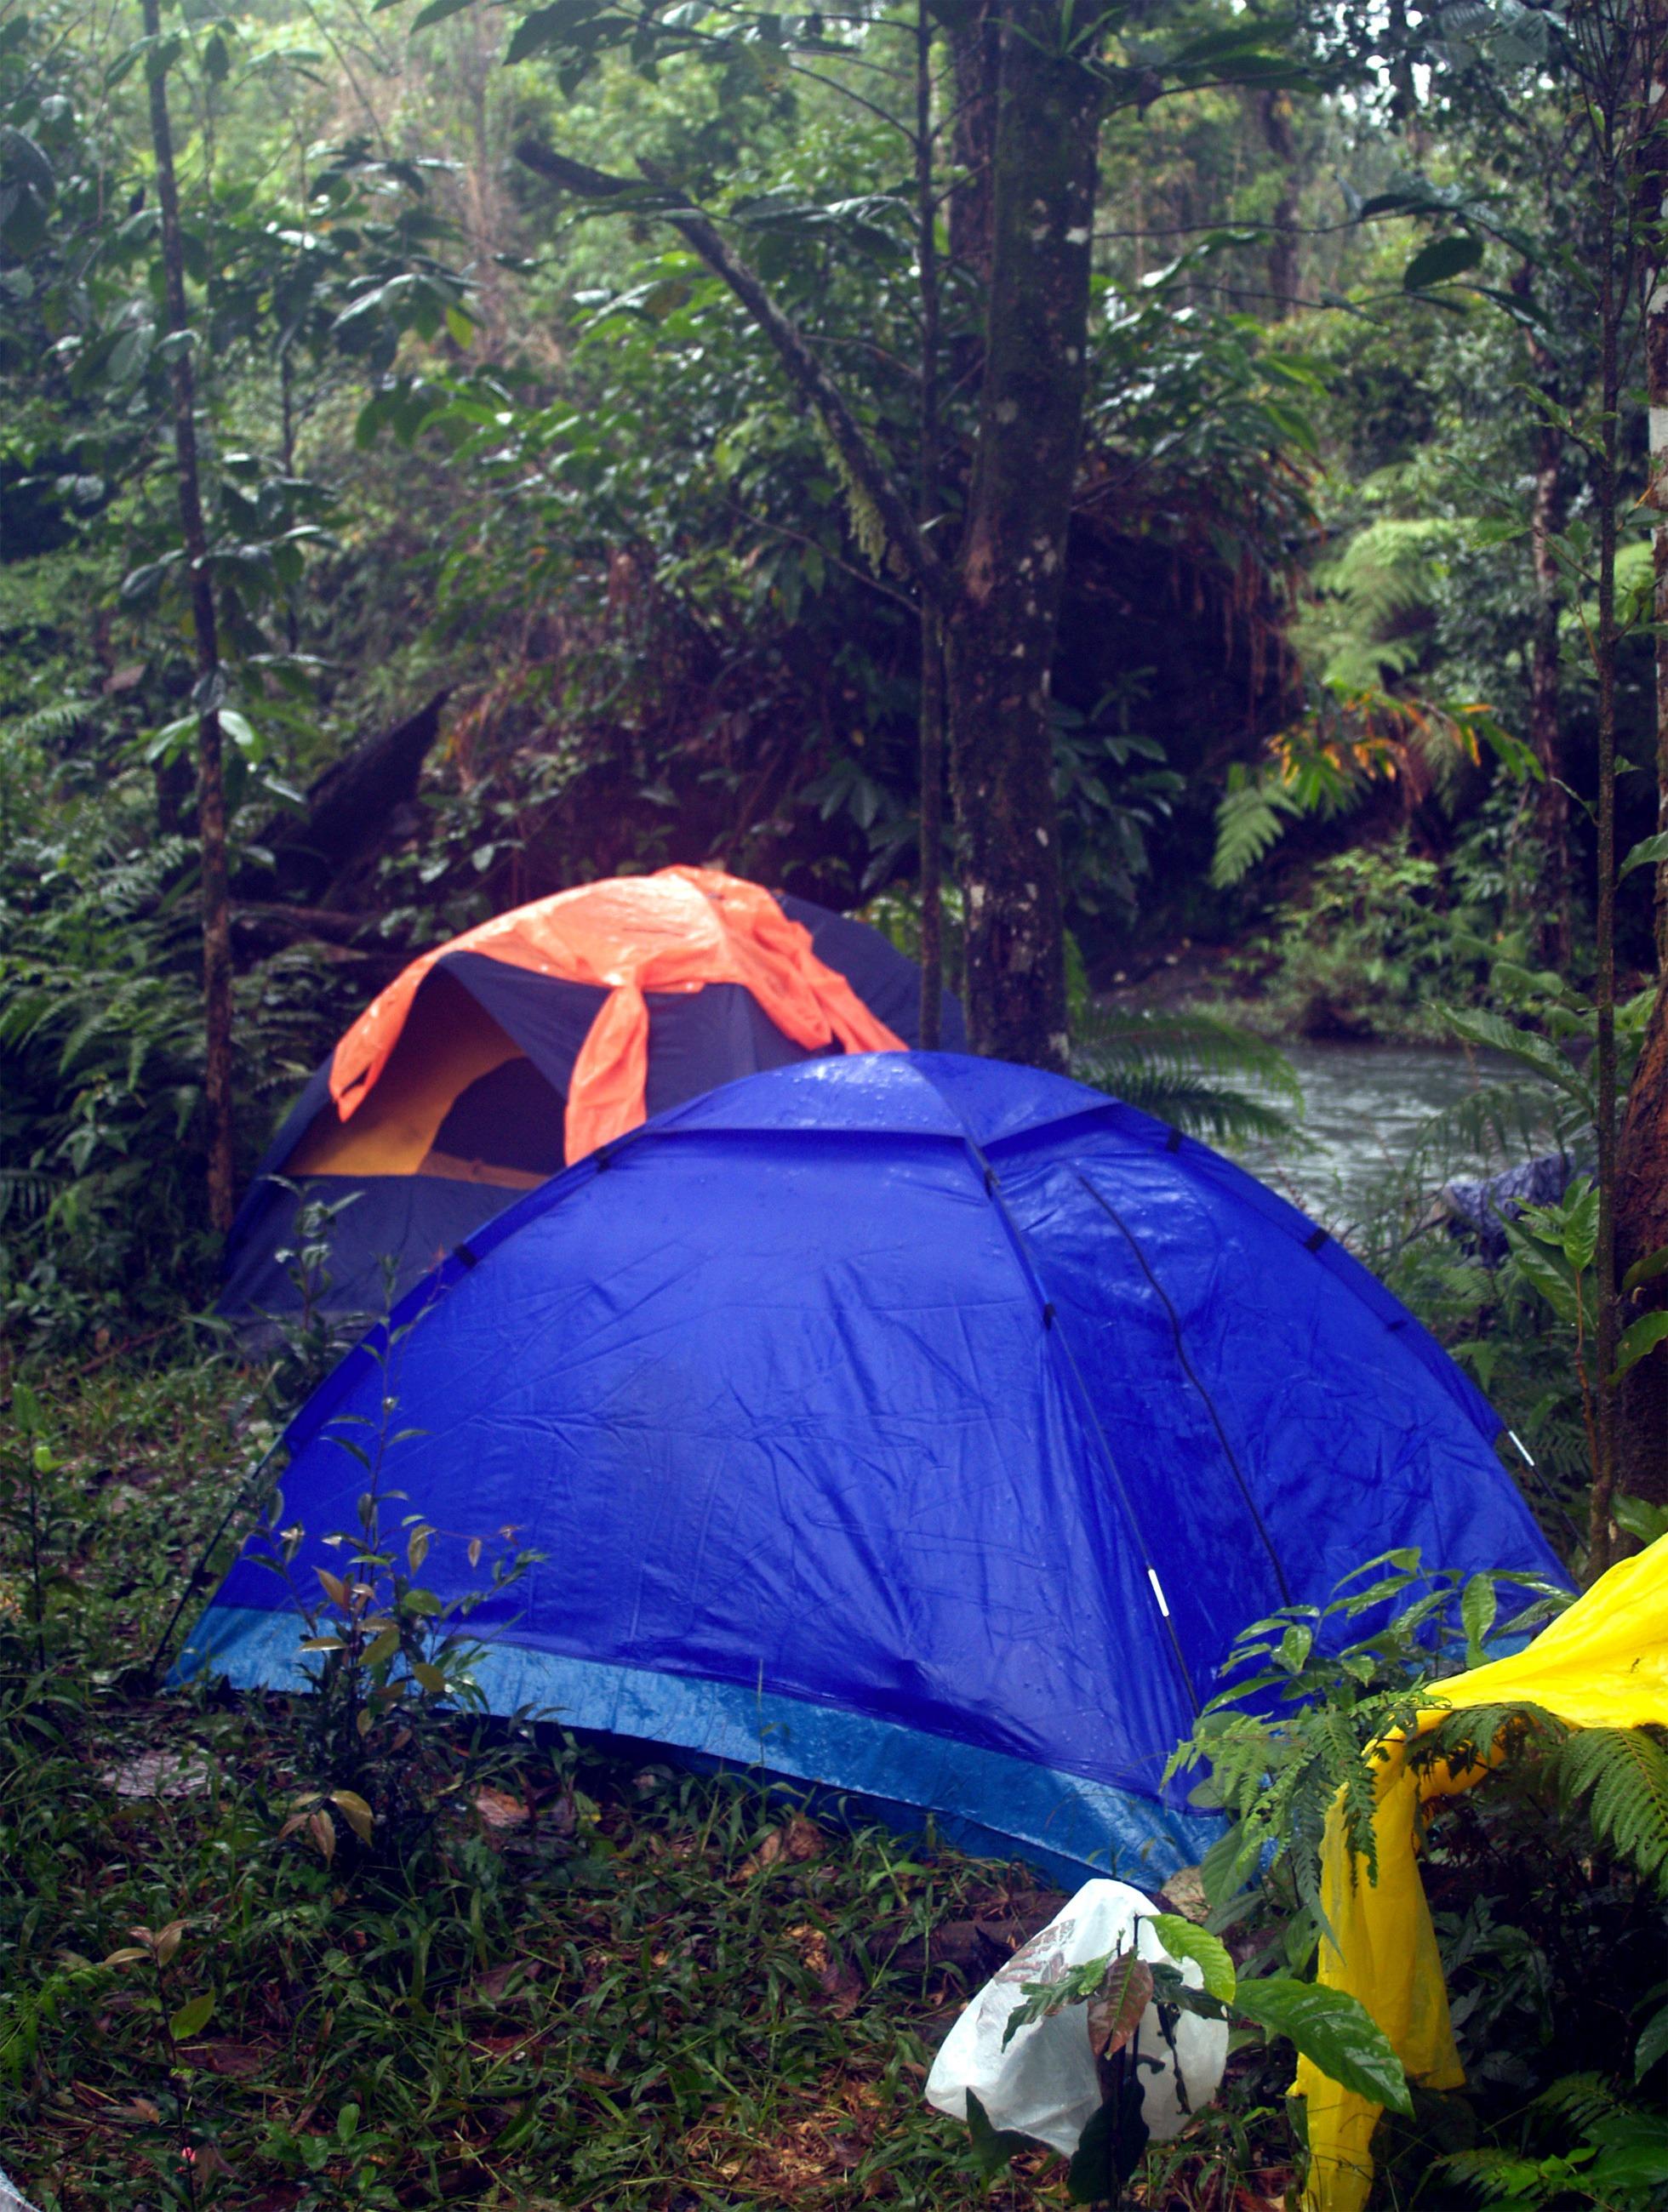 Gambar : hutan, gurun, petualangan, rimba, berkemah, tenda